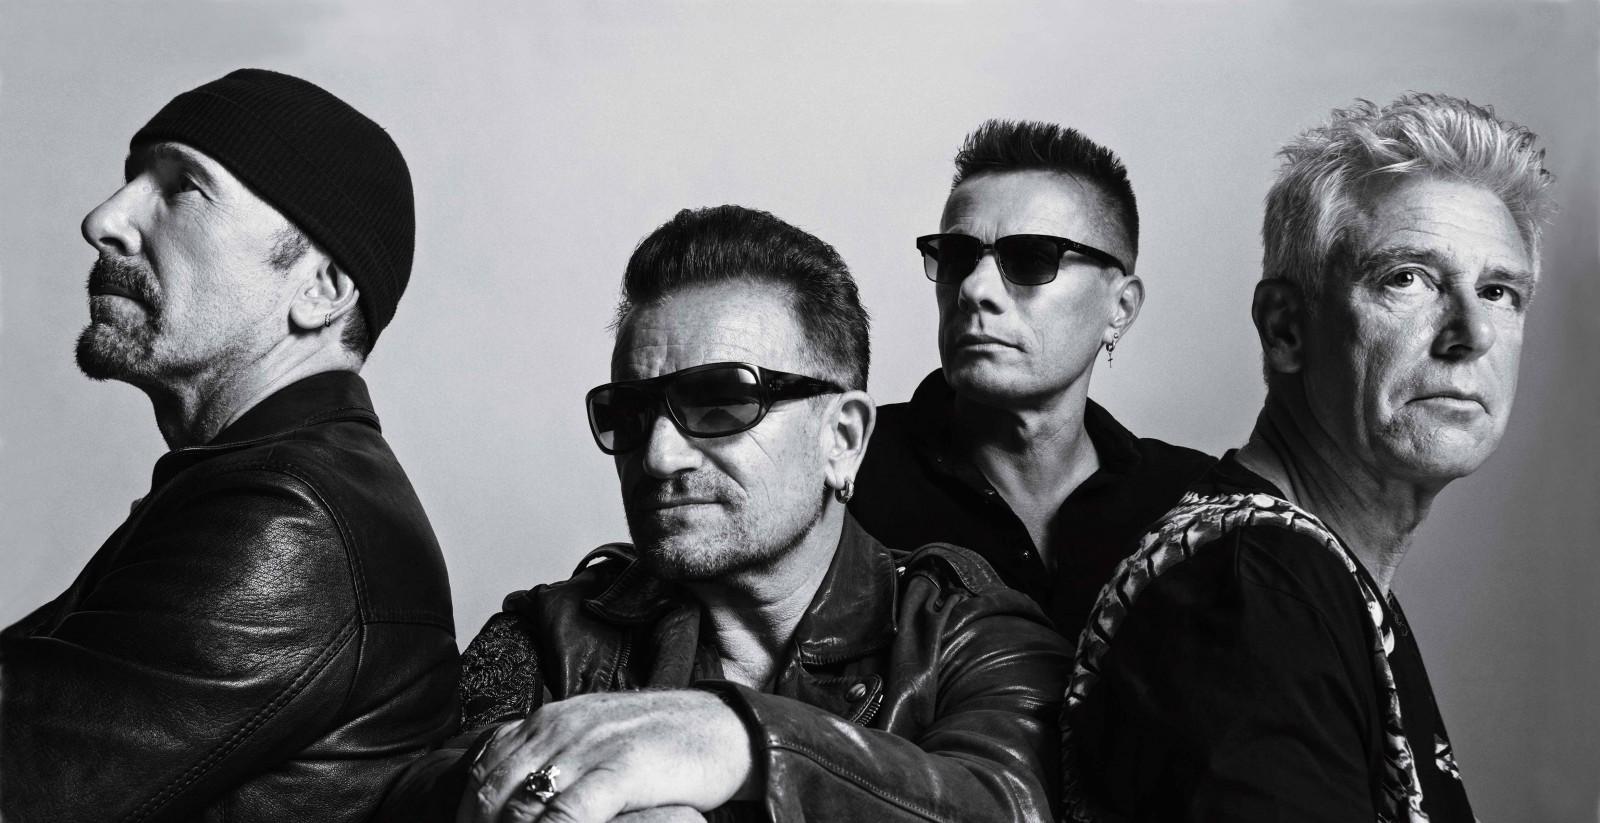 New U2 in 2016